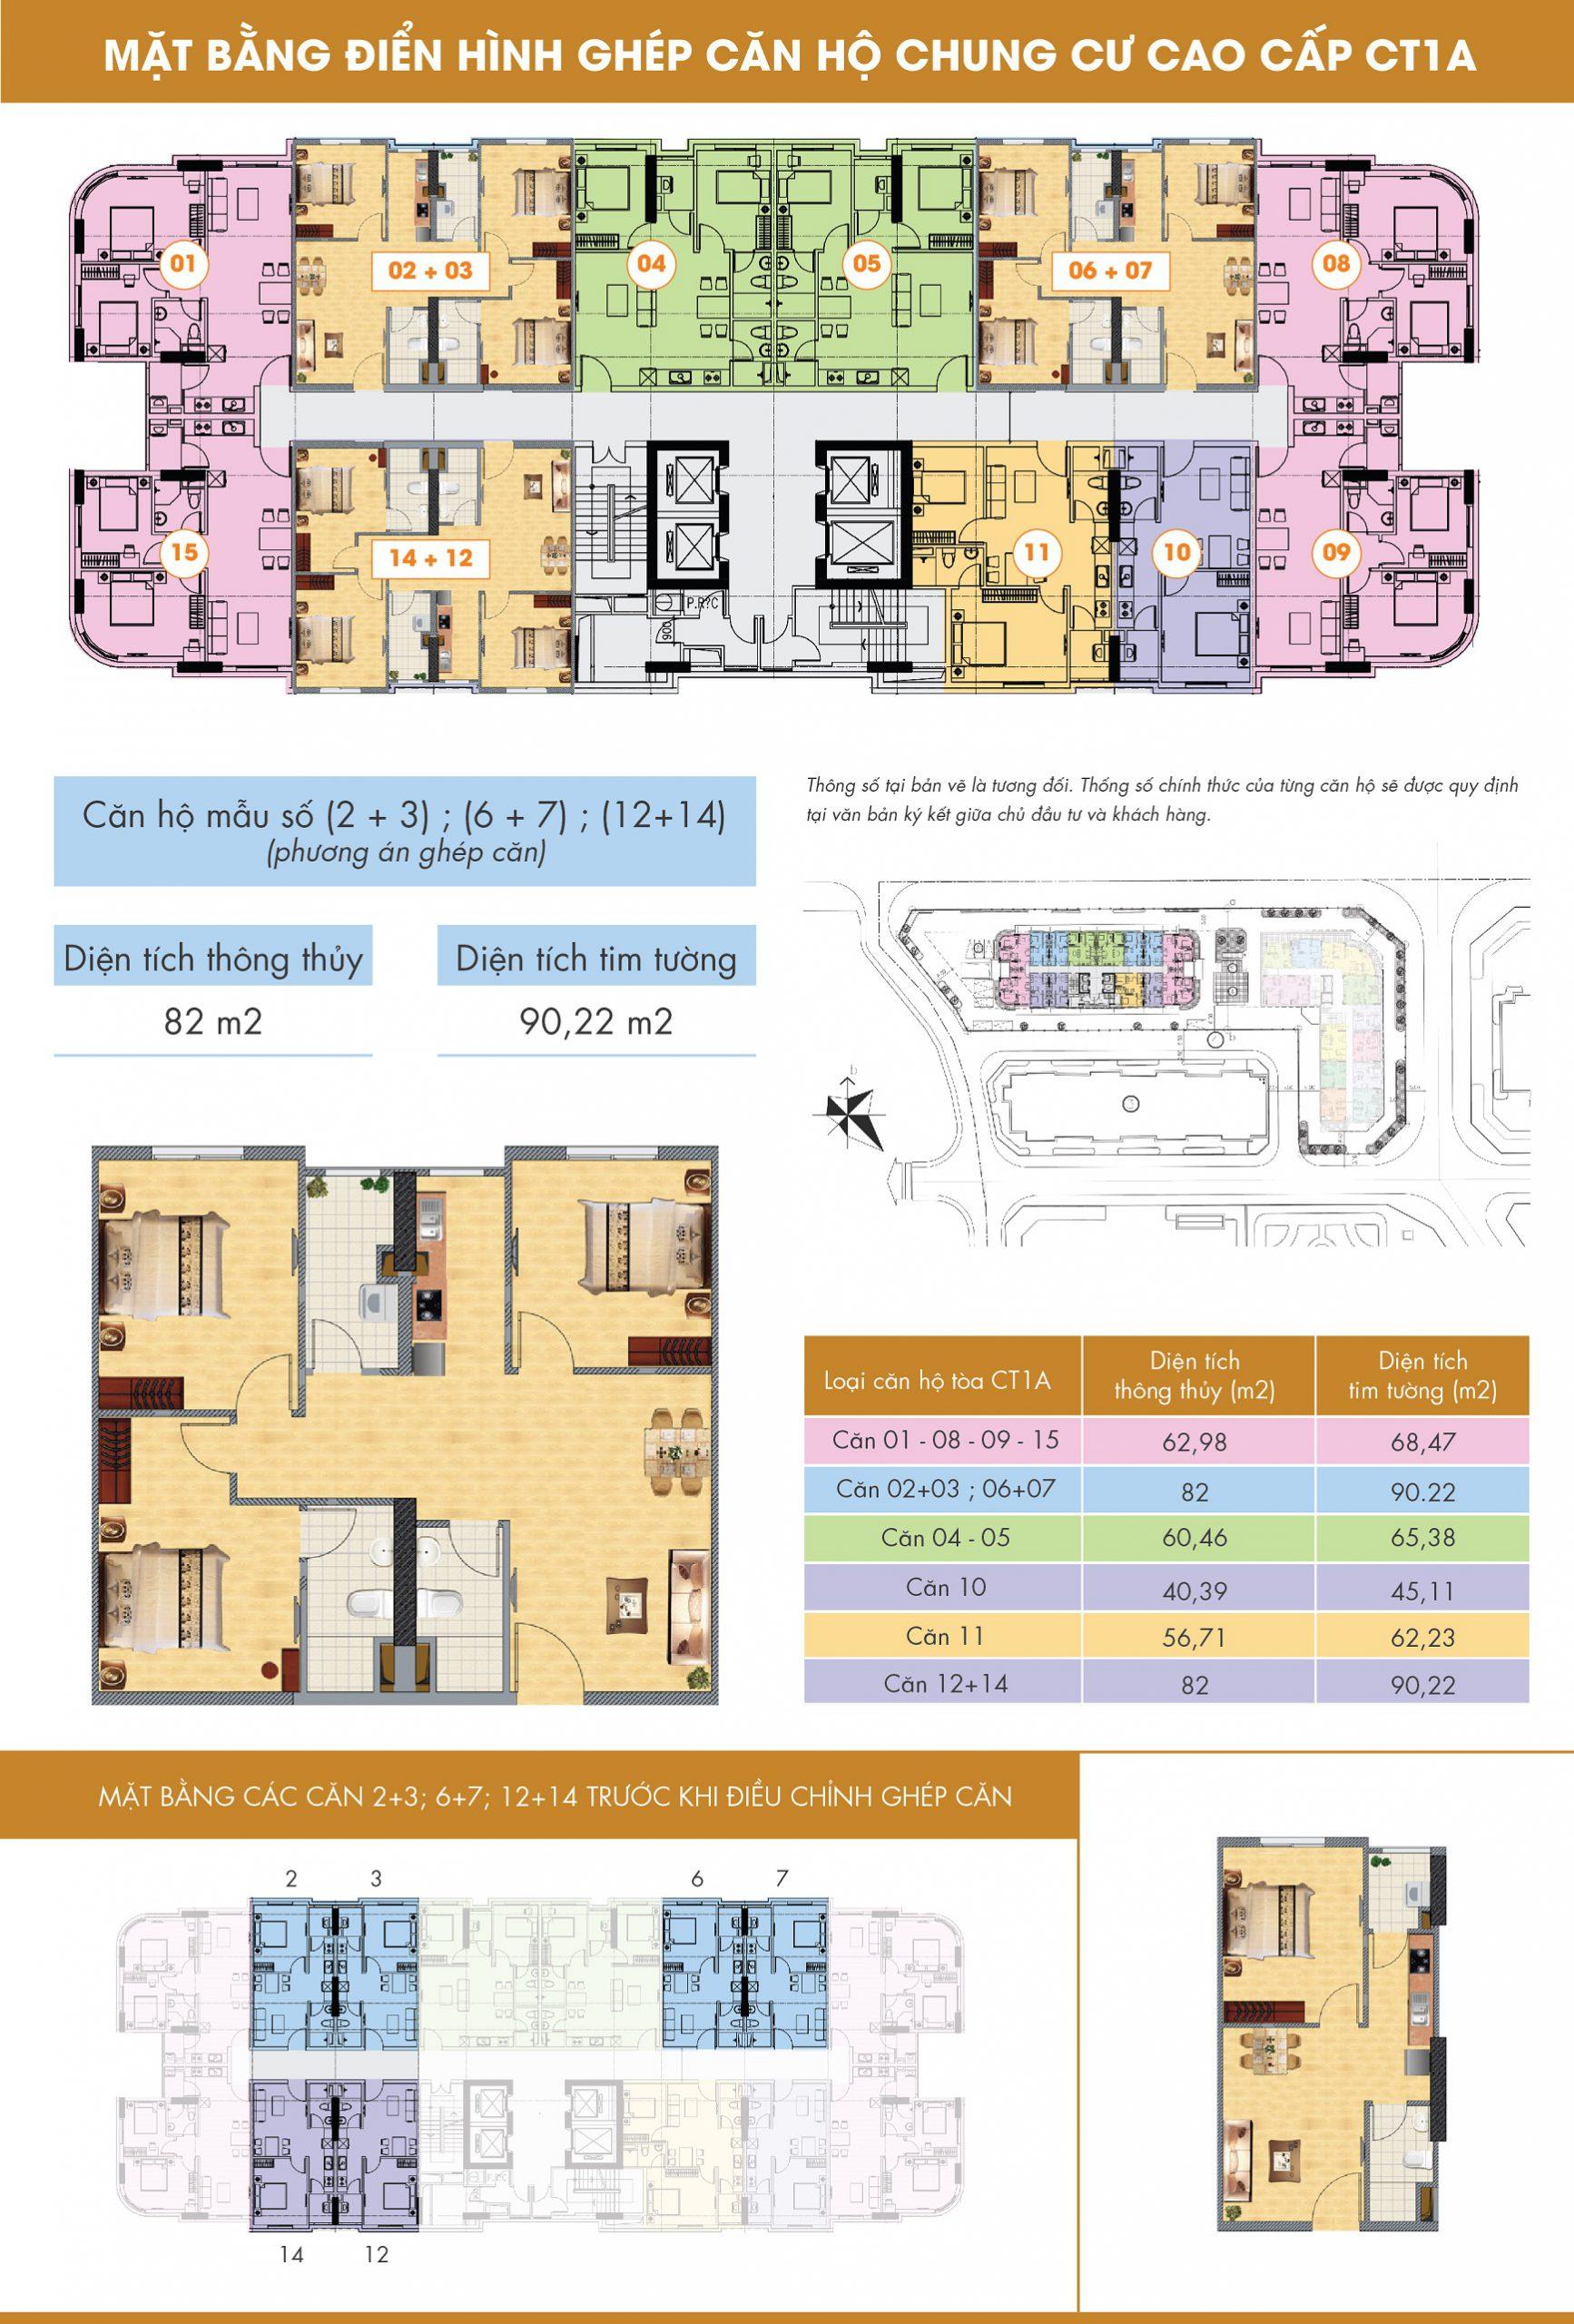 Mặt bằng thiết kế căn hộ ghép chung cư CT1A Nghĩa Đô